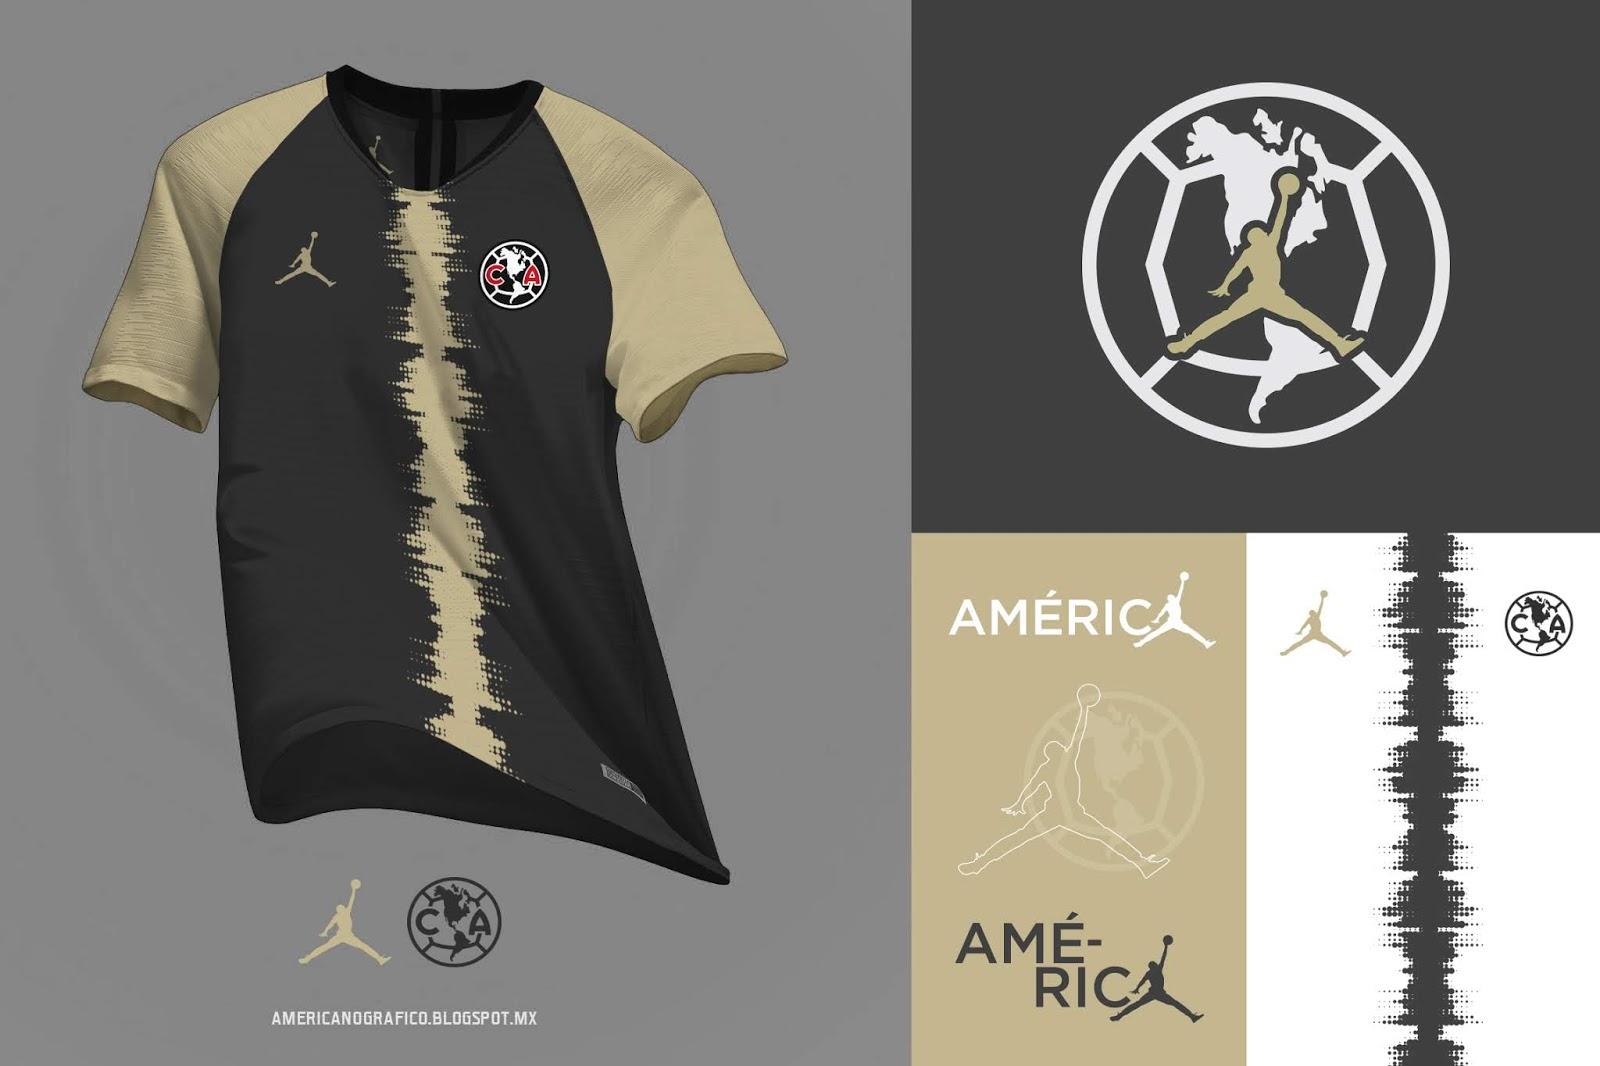 El diseño de Americanográfico con Air Jordan